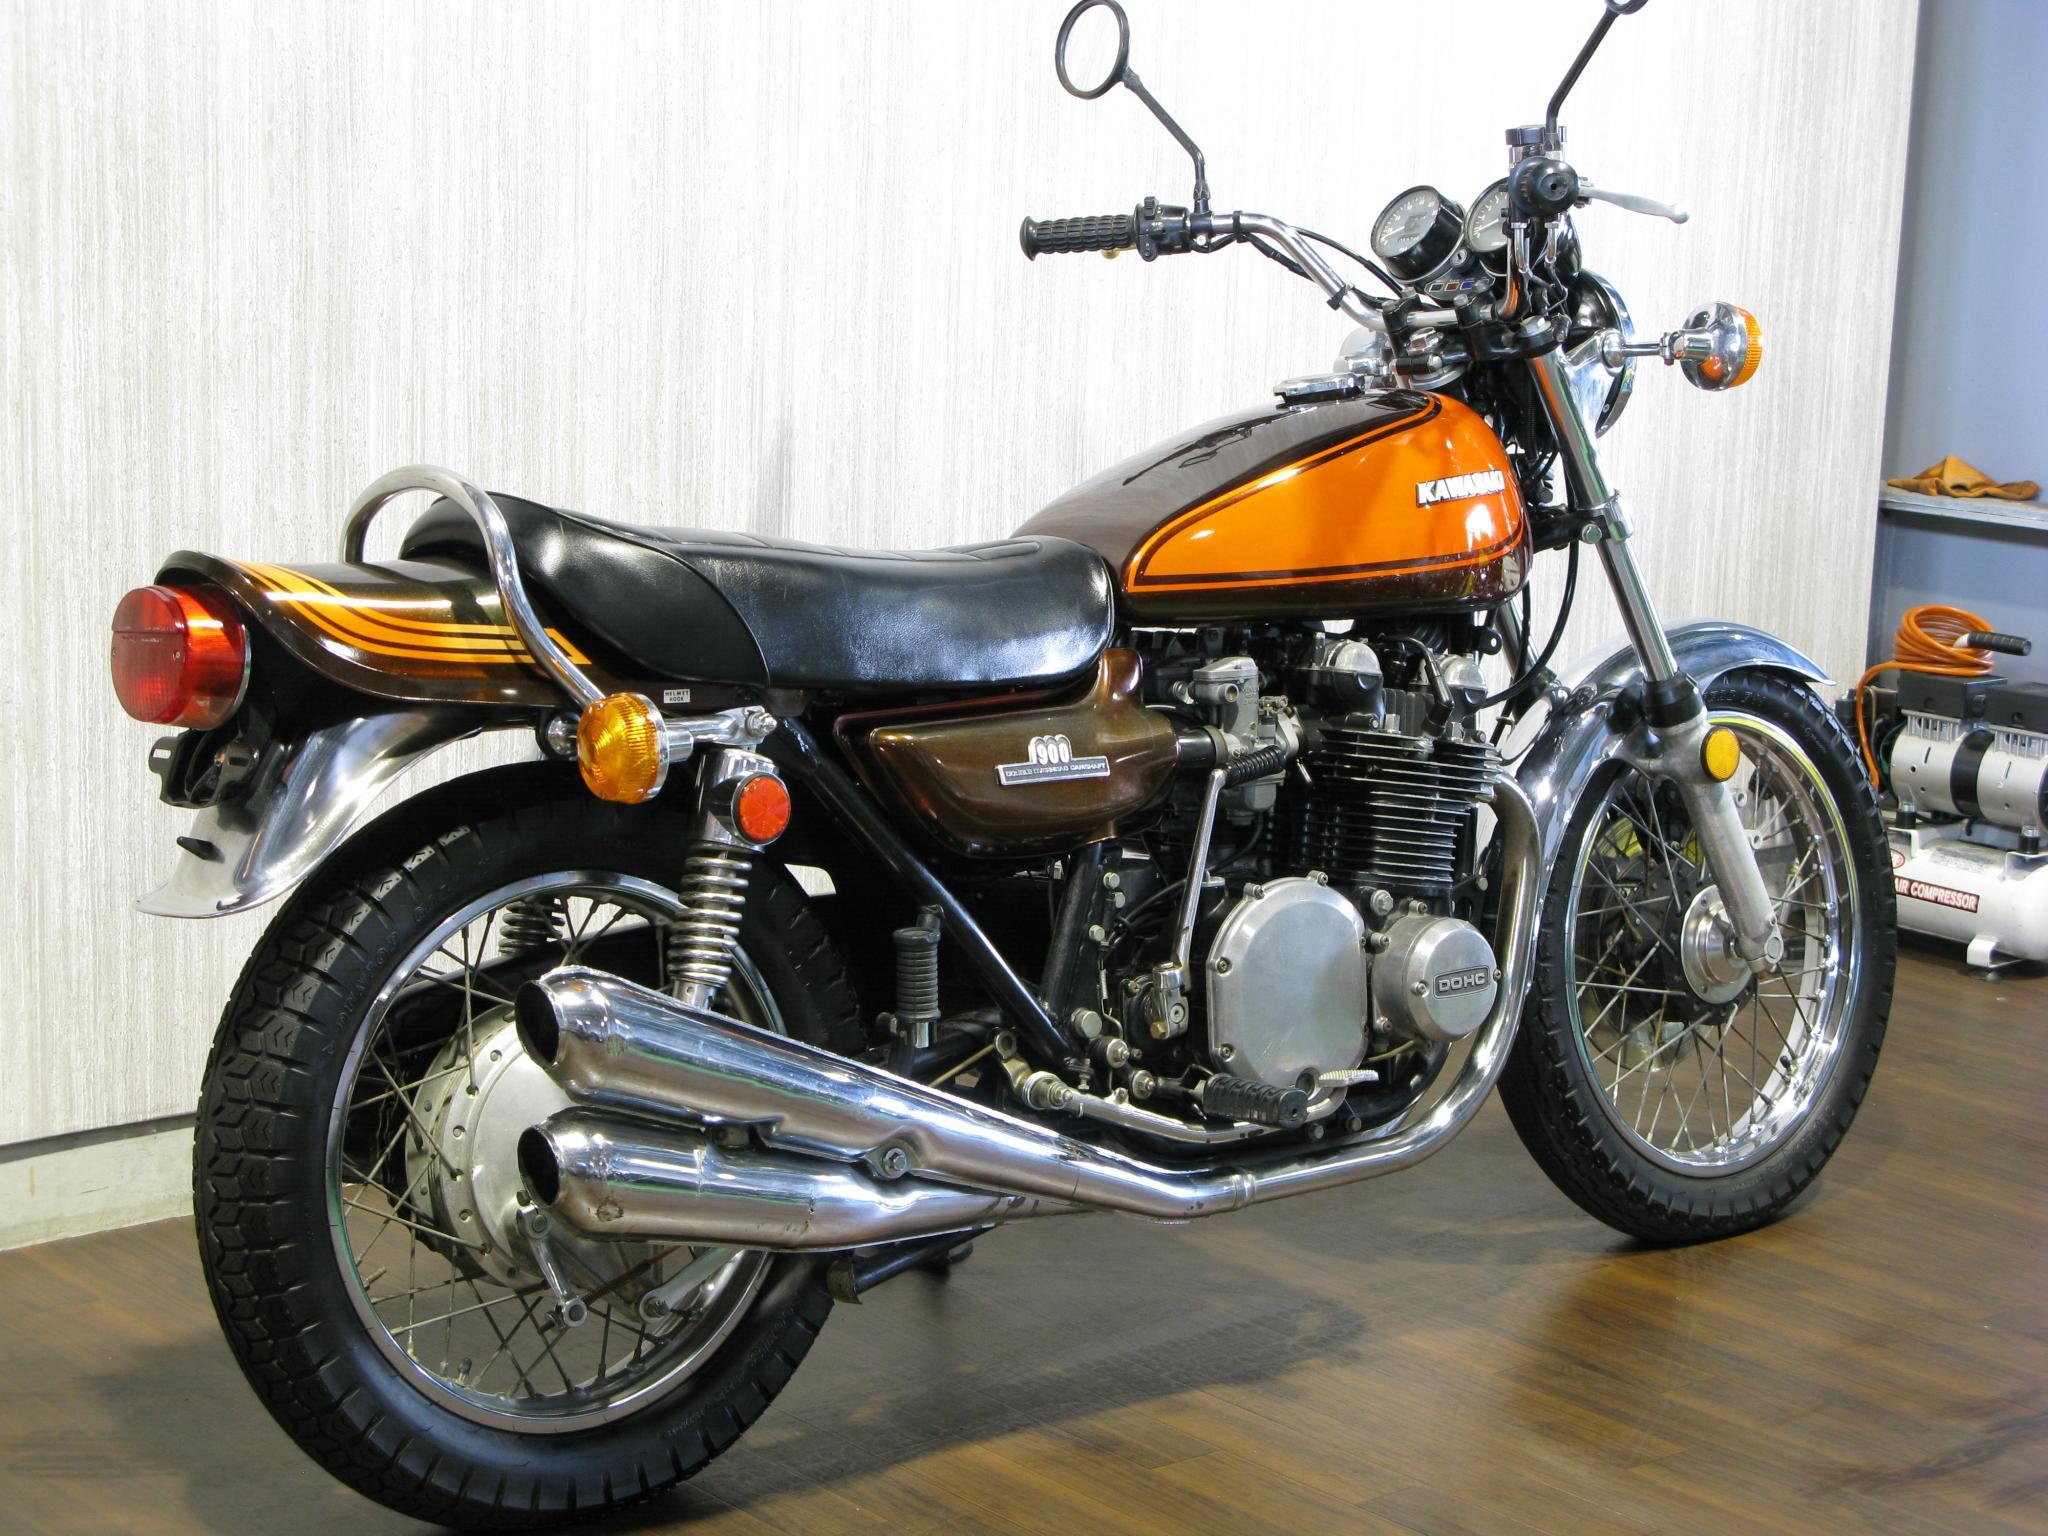 カワサキ 1973 Kawasaki Z1 車体写真3